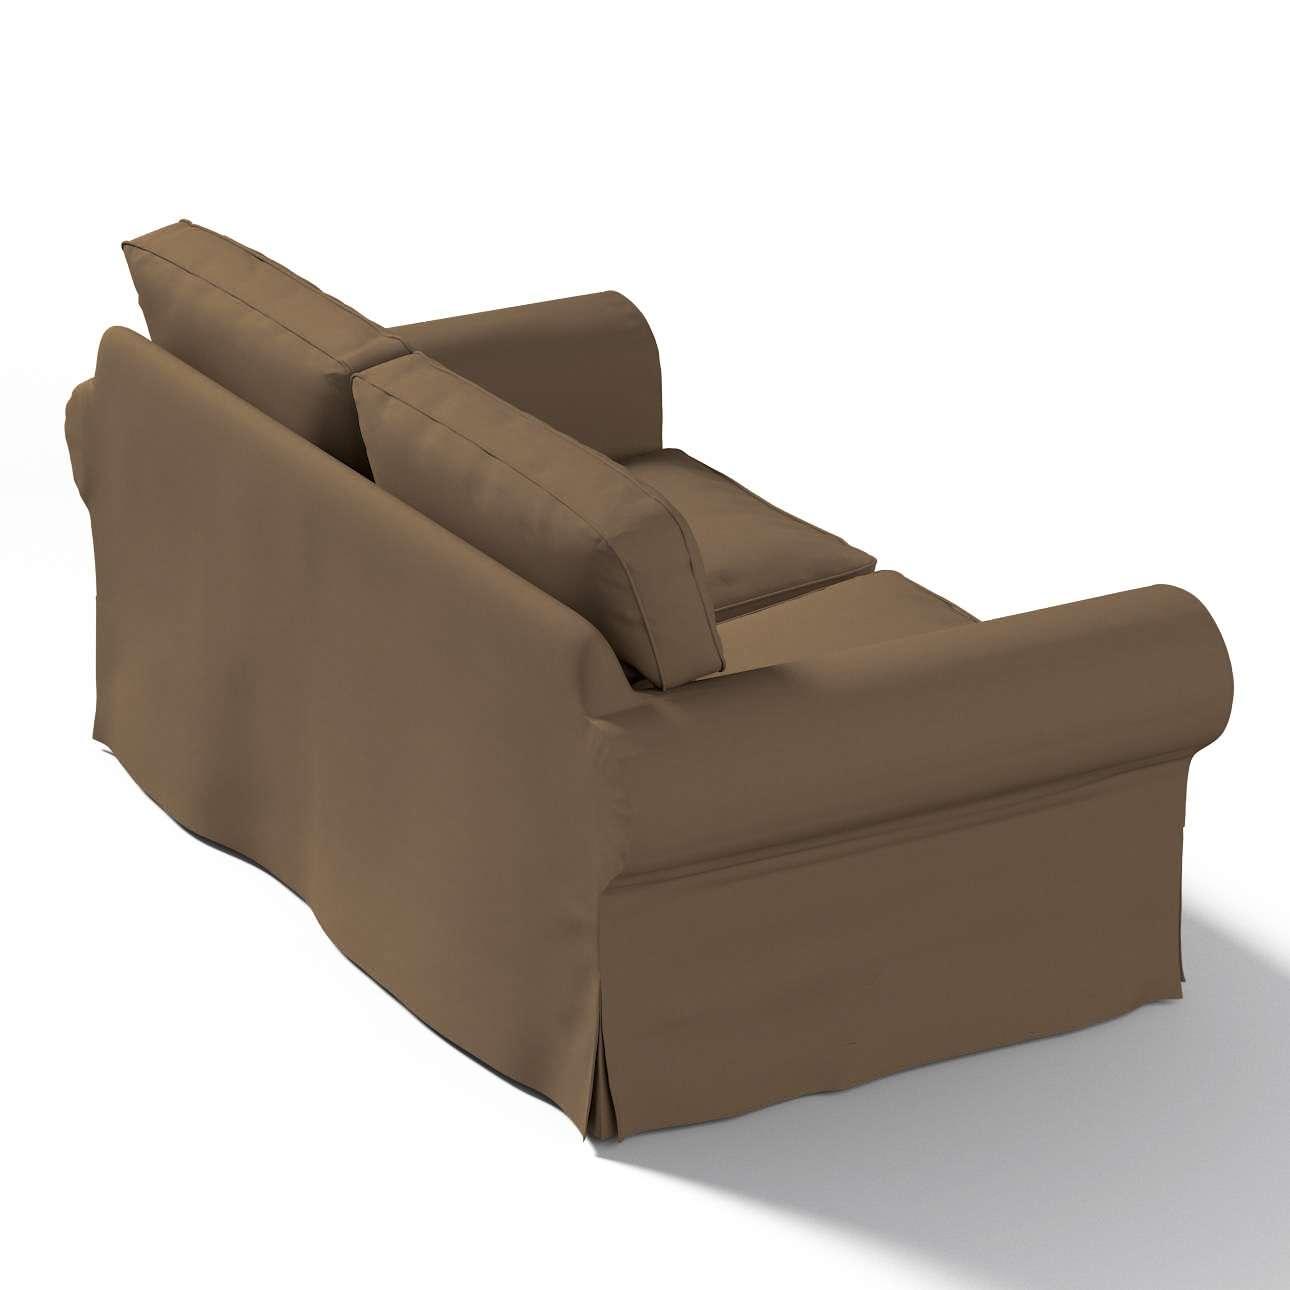 Pokrowiec na sofę Ektorp 2-osobową, rozkładaną STARY MODEL Sofa Ektorp 2-osobowa rozkładana w kolekcji Cotton Panama, tkanina: 702-02